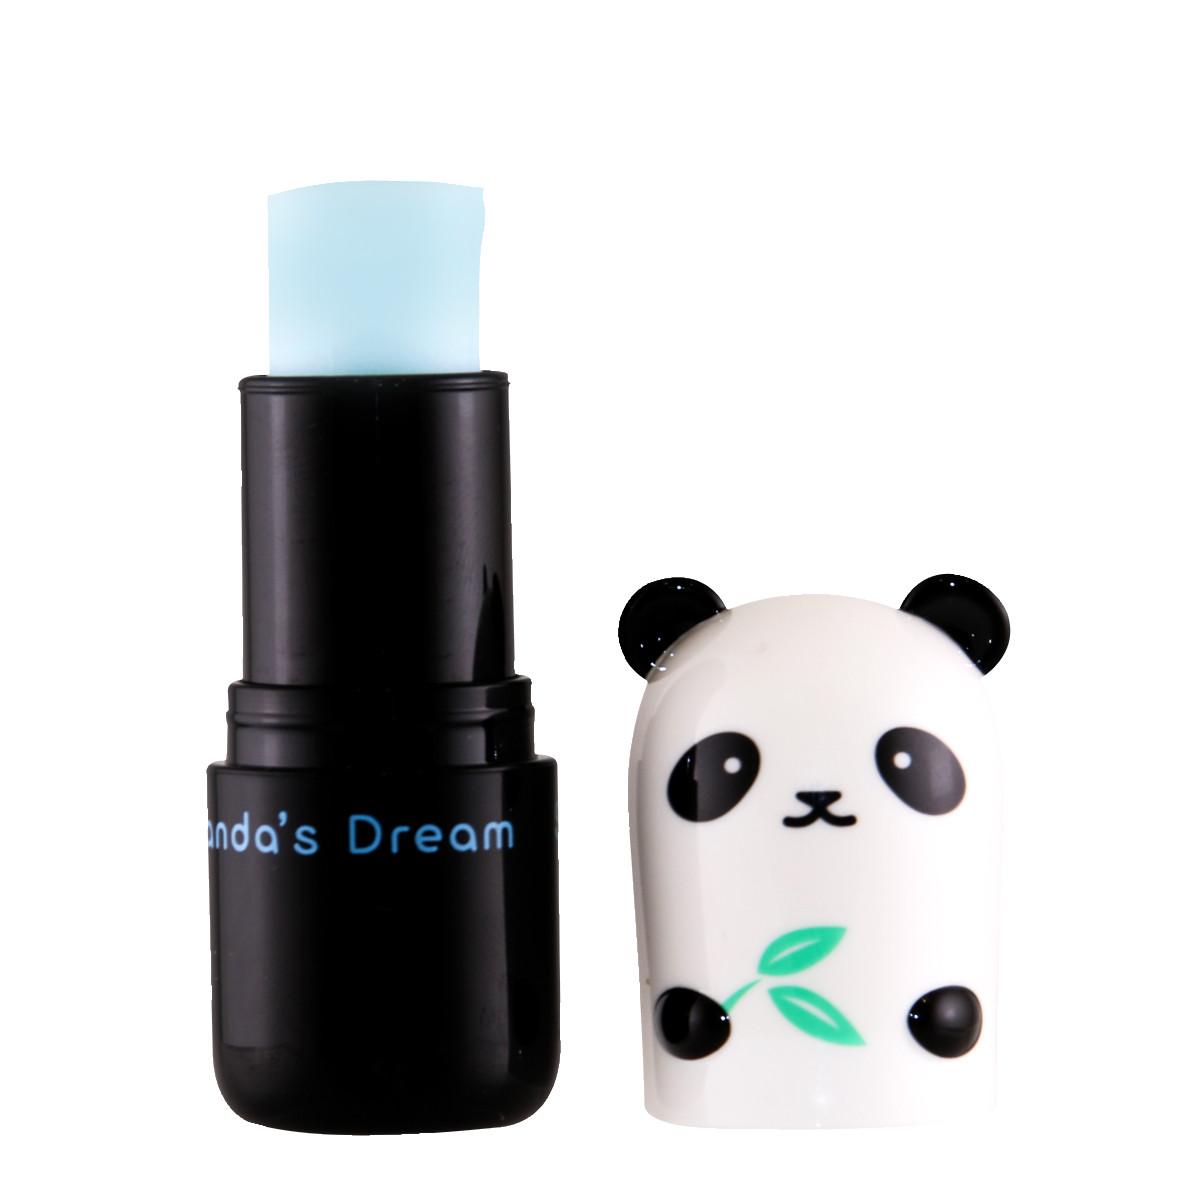 TonyMoly Охлаждающий стик для области вокруг глаз Pandas Dream So Cool Eye Stick, 9грSB05005000Охлаждающая сыворотка для области вокруг глаз в виде стика. Как и вся продукция Tony Moly имеет восхитительный дизайн, выполненный в виде милой панды. Основные компоненты: ниацинамид, галоксил, экстракт сибирского крыжовника, аденозин, ледниковая вода, морская вода. - ледниковая вода придаст коже вокруг глаз ощущение свежести и охлаждения, а подверженная сухости кожа глаз моментально увлажняется; - морская вода выводит токсины и улучшает микроциркуляцию; - ниацинамид защищает кожу от солнечных лучей и улучшает ее эластичность; - аденозин - аминокислота возвращает упругость кожи, предотвращает появление морщин; - экстракты актинидии и бамбука осветляют темные круги под глазами, возвращают молодость и нежность вашей коже. Не содержит парабенов, минерального масла, бензофенона, ГМО, триэтаноламина и т.д.